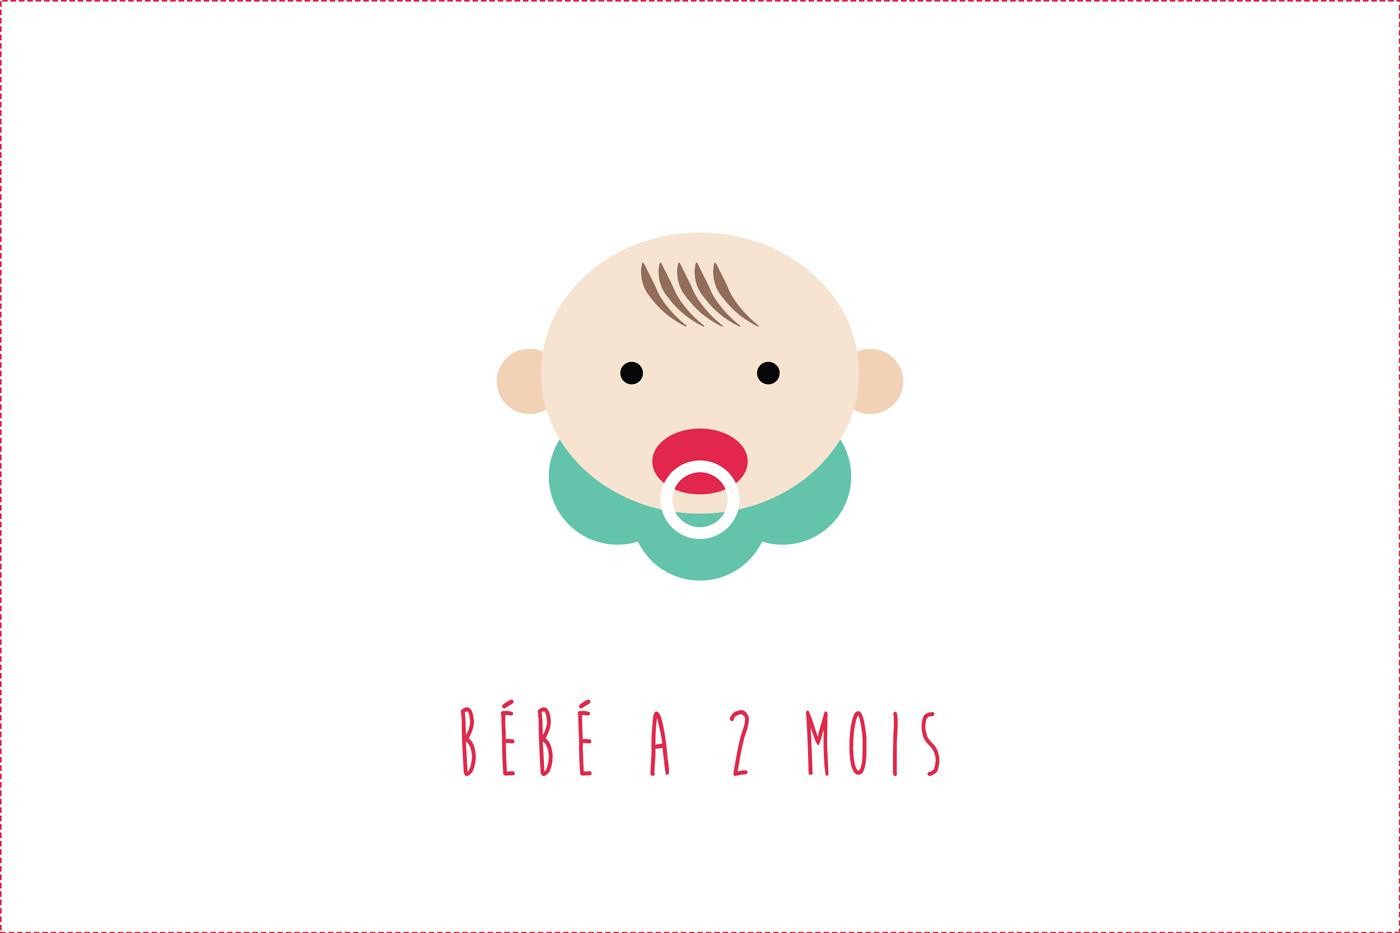 Bébé a 2 mois : Évolution, développement, éveil…